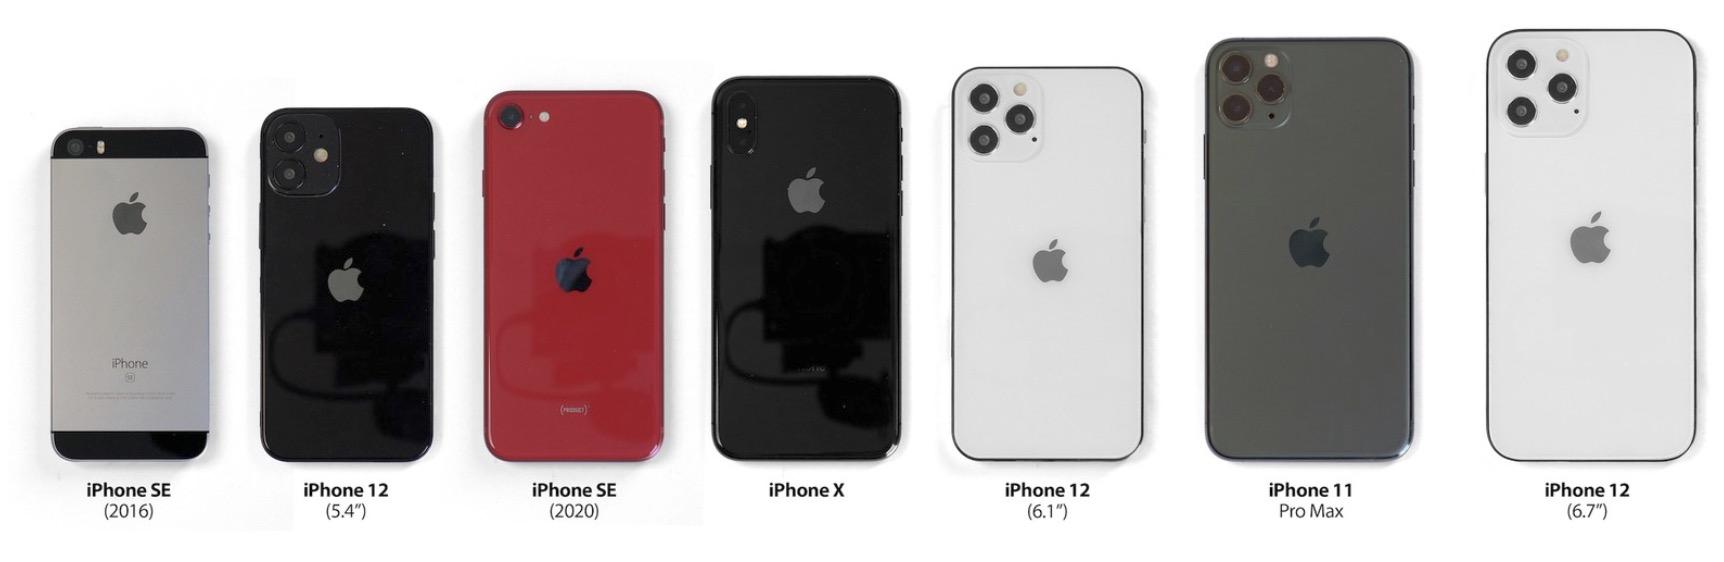 iphone 12 sahte model karşılaştırma